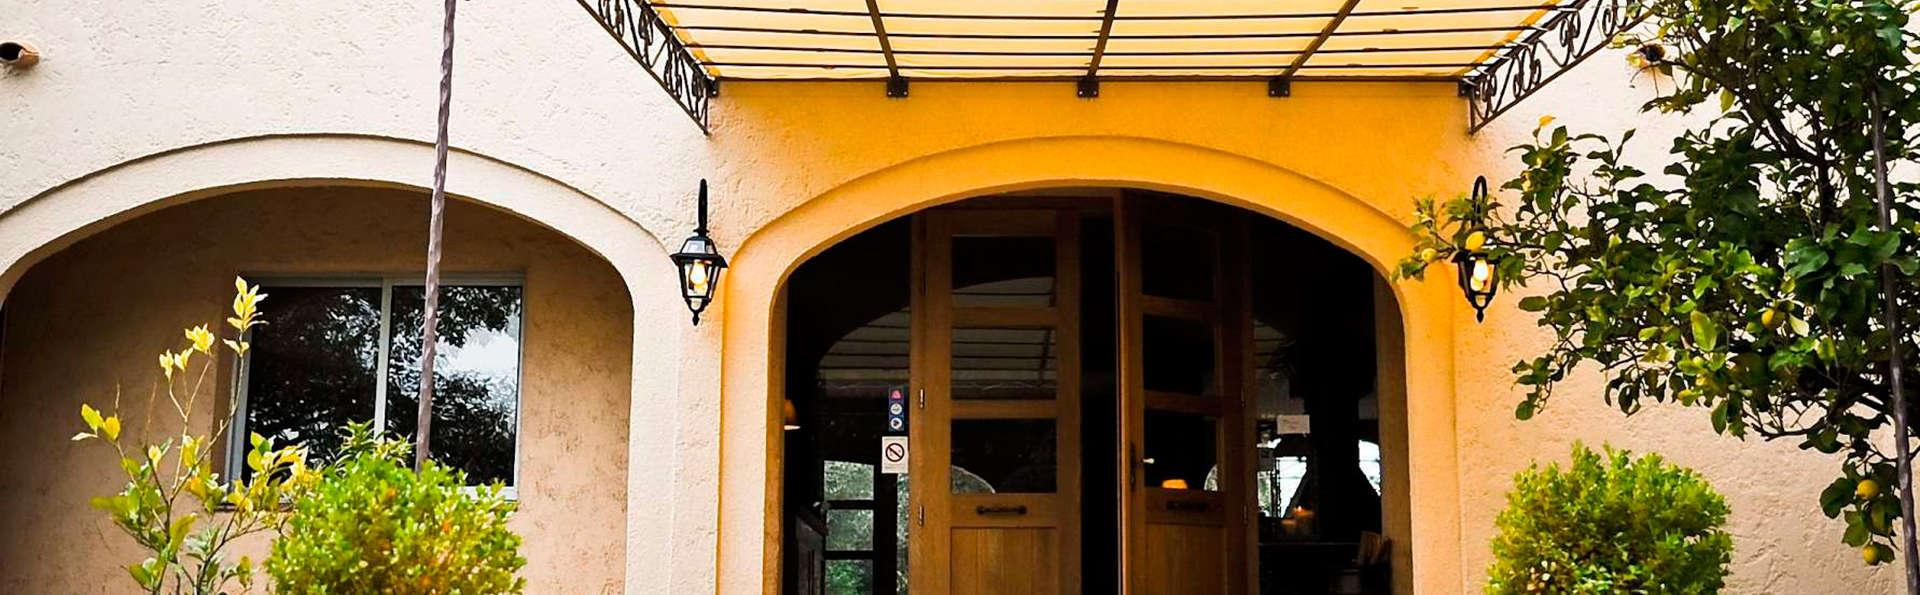 Hôtel Spa la Lune de Mougins - EDIT_front.jpg